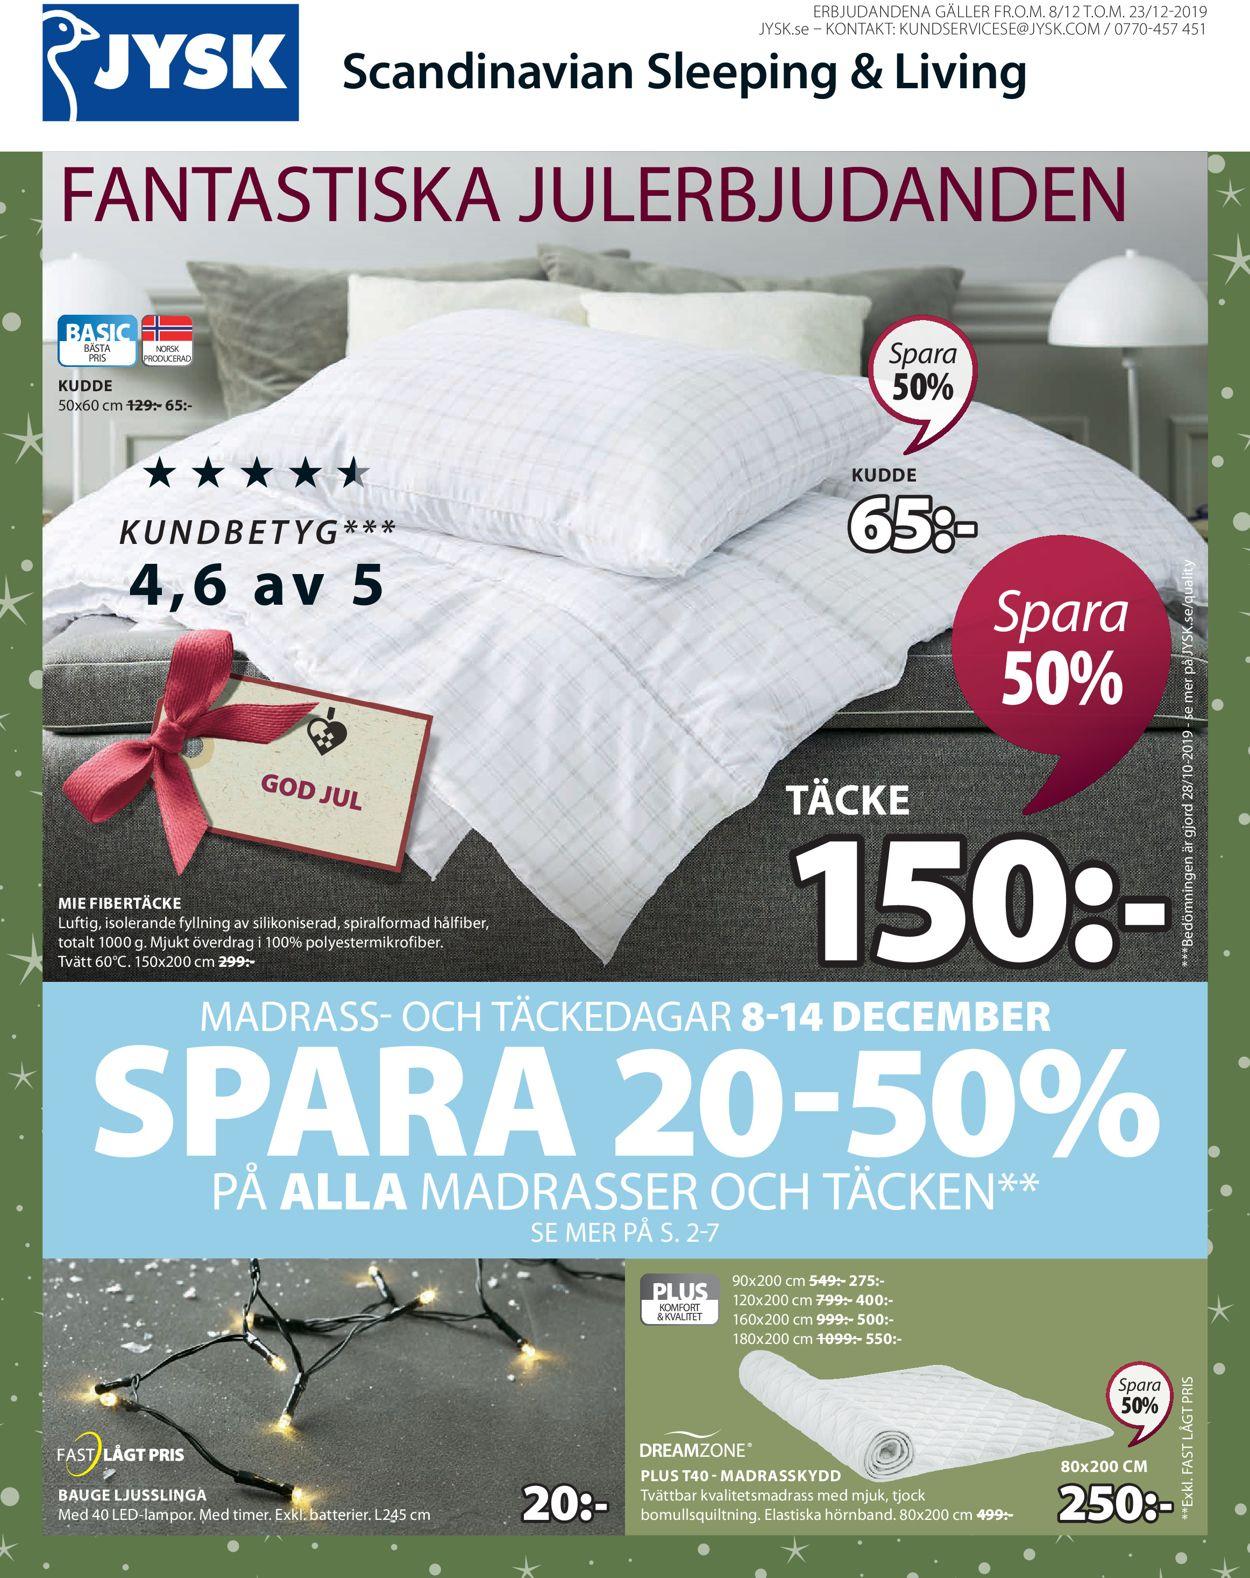 Aktuell annons Jysk Julen 2019 - Reklamblad - 08/12-23/12-2019